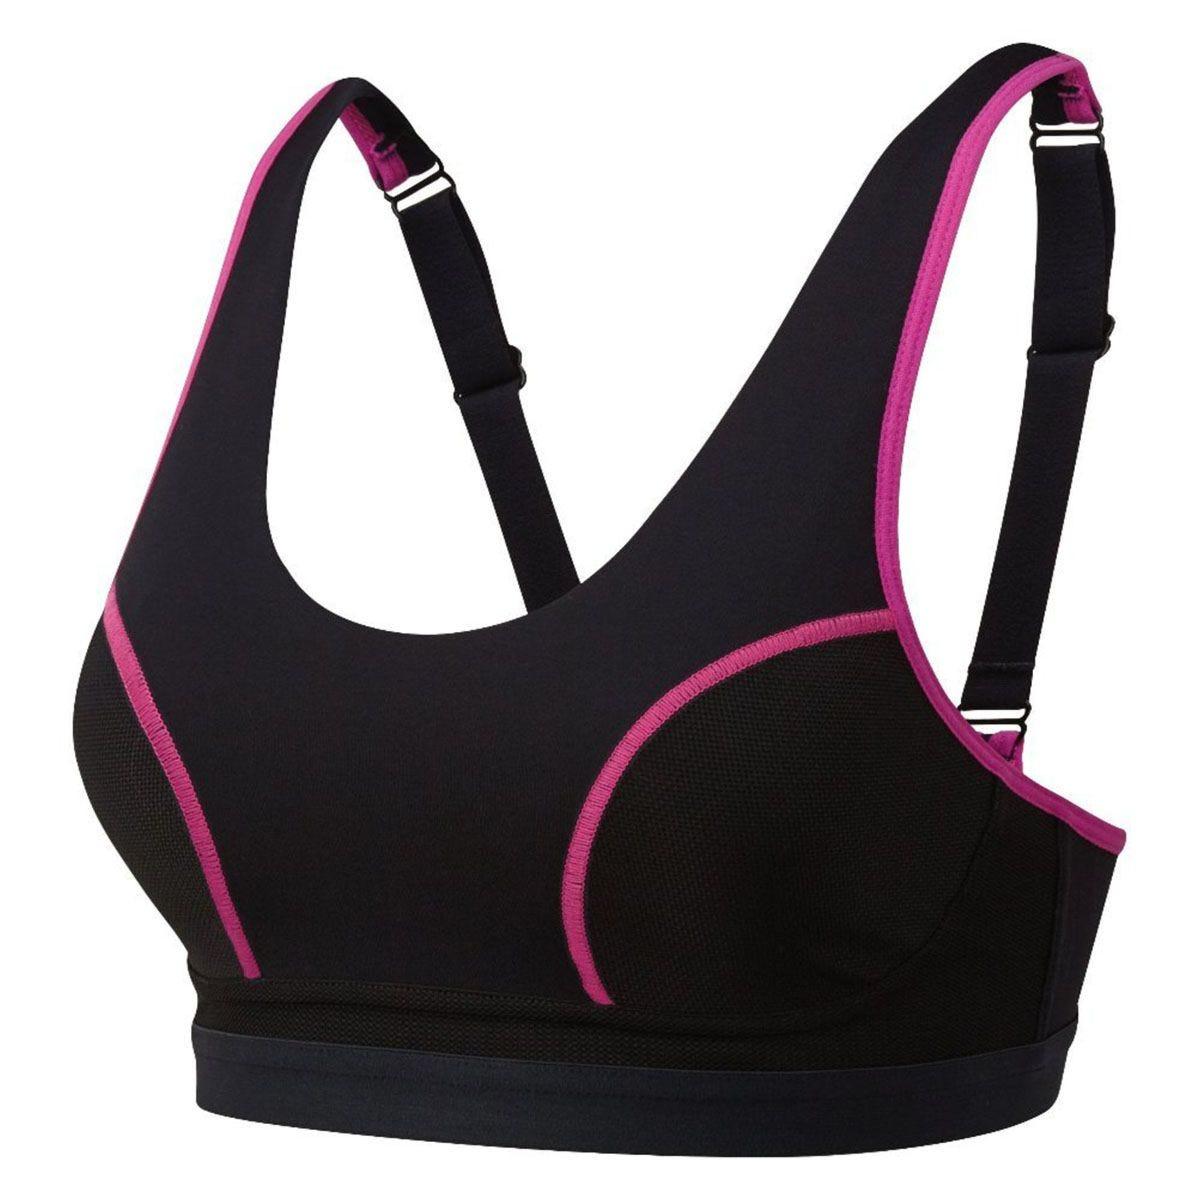 Runderwear Original Support Running Bra 32A  - Pink